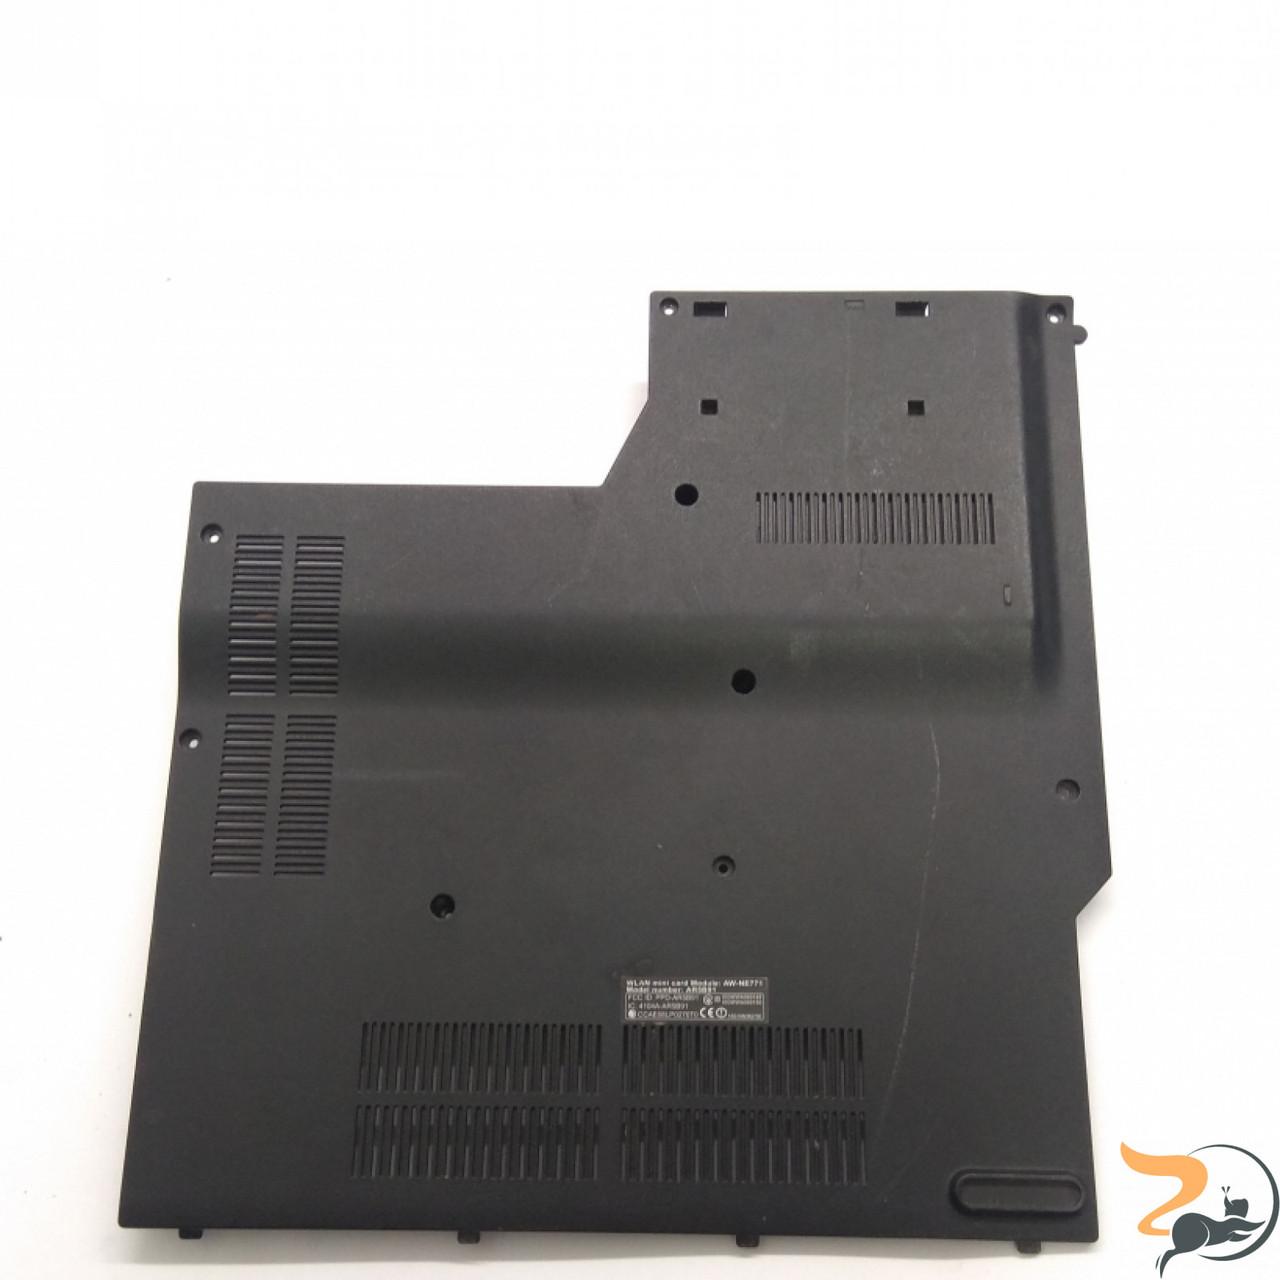 Сервісна кришка для ноутбука ASUS N51T, 13N0-57A0902, Б/В. В хорошому стані, без пошкоджень. Є подряпини та потертості.